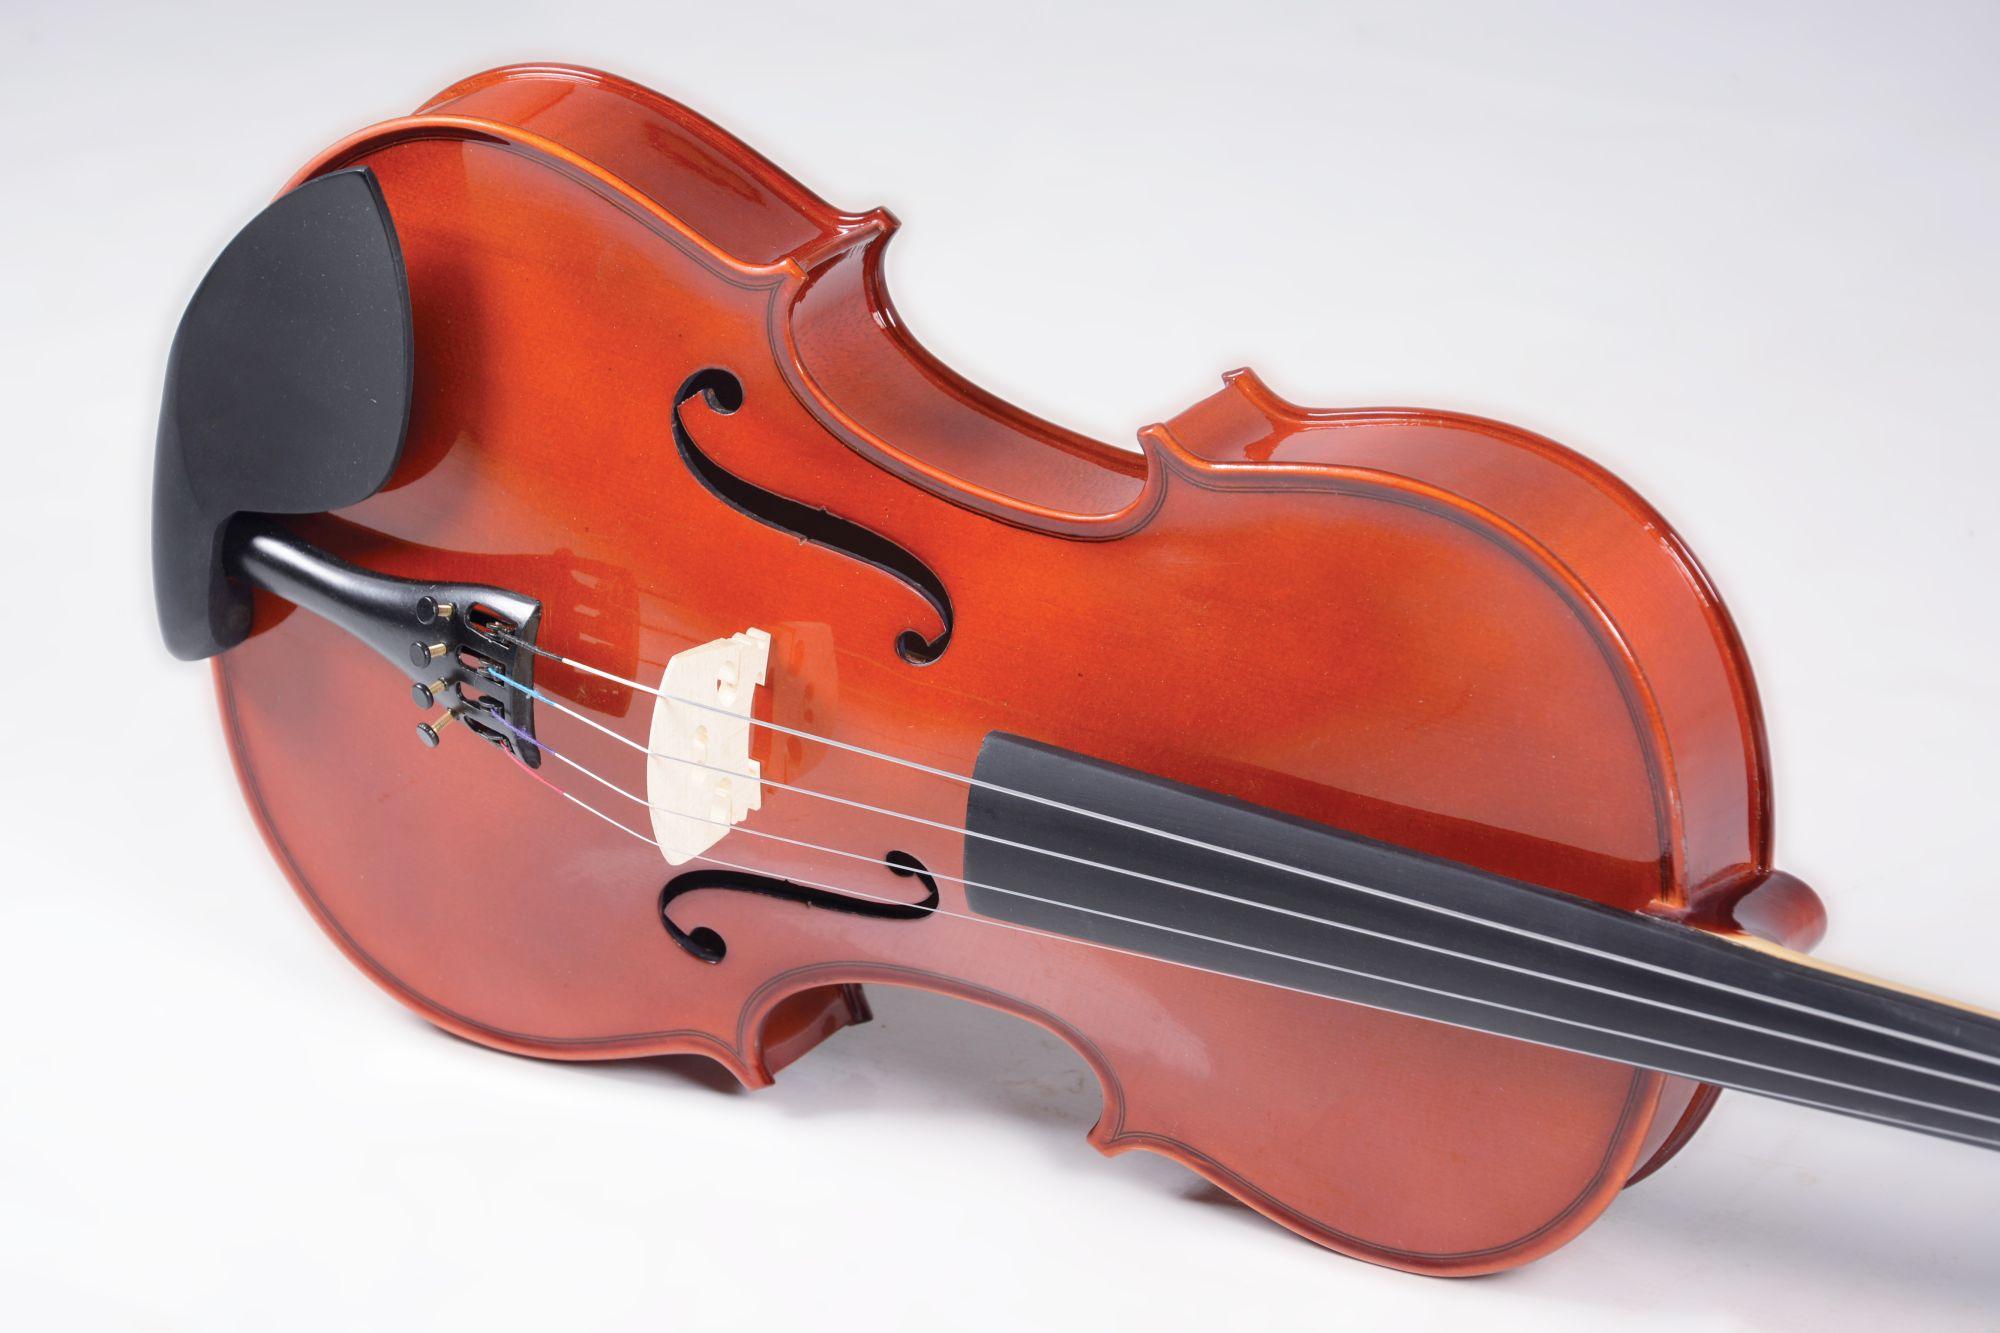 Viola Classica Vivace Vmo44 Mozart 4/4